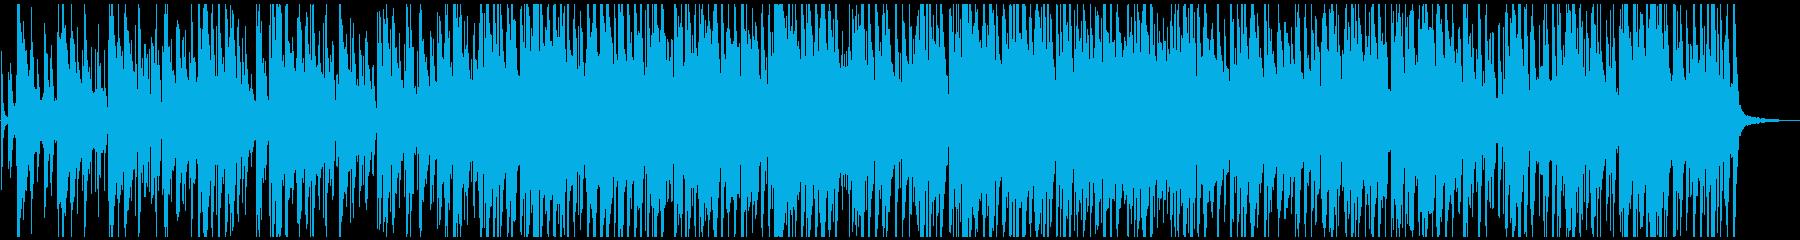 アコースティックピアノ、アコーステ...の再生済みの波形